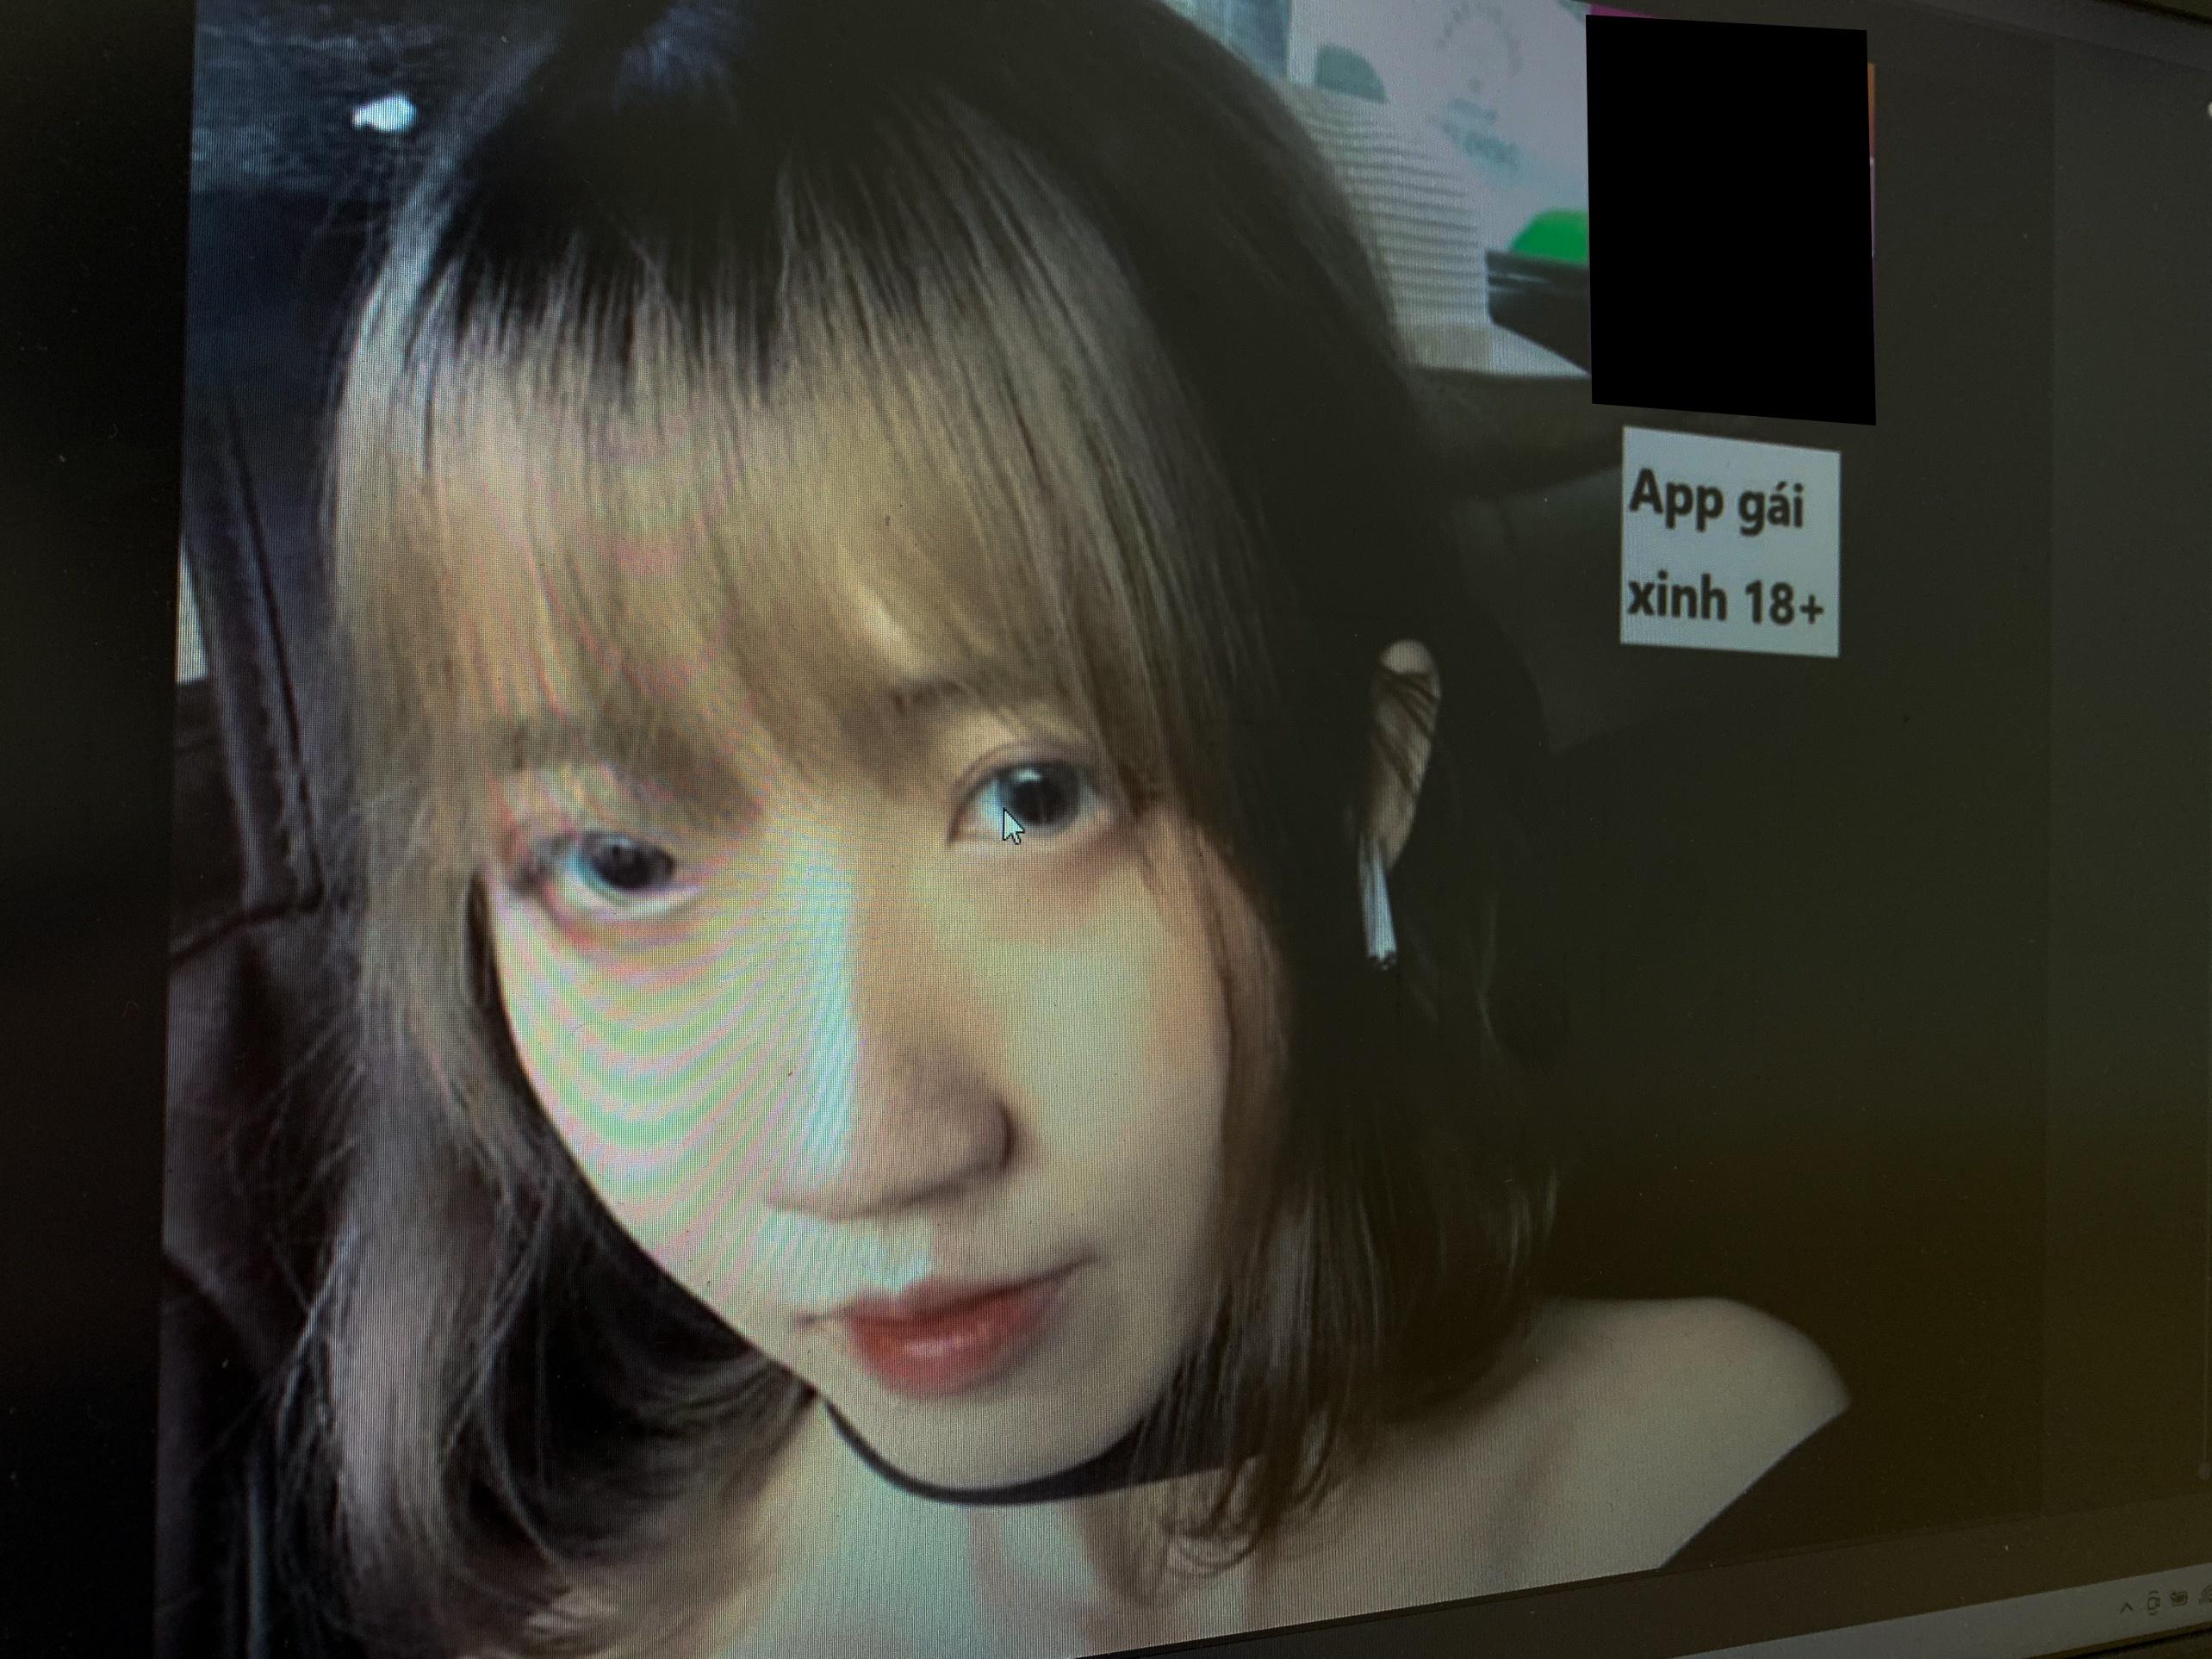 Cô gái '12 mối tình' trả lời về việc quảng cáo app khiêu dâm, cờ bạc